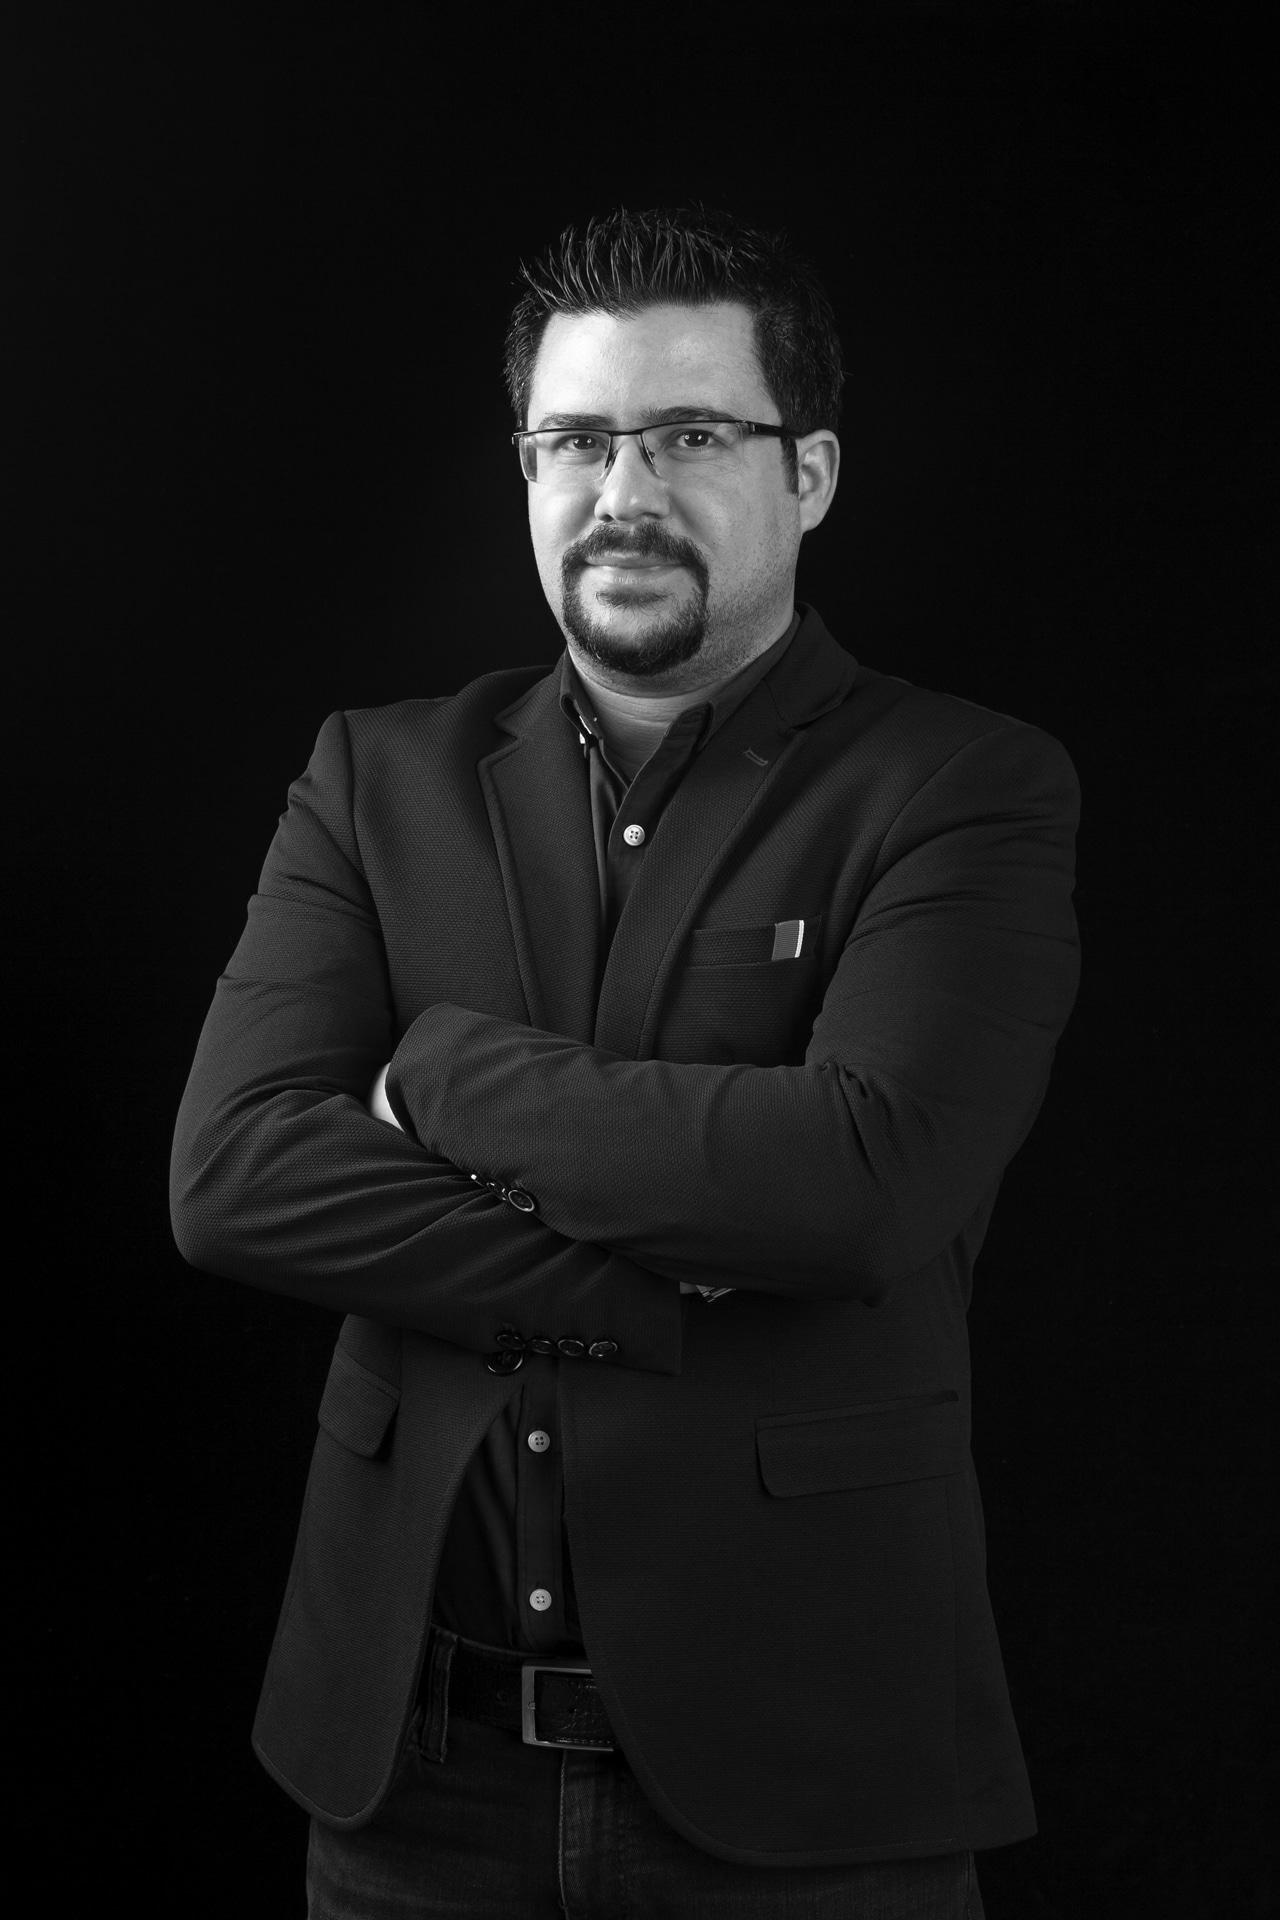 مدیر توسعه کسب و کار